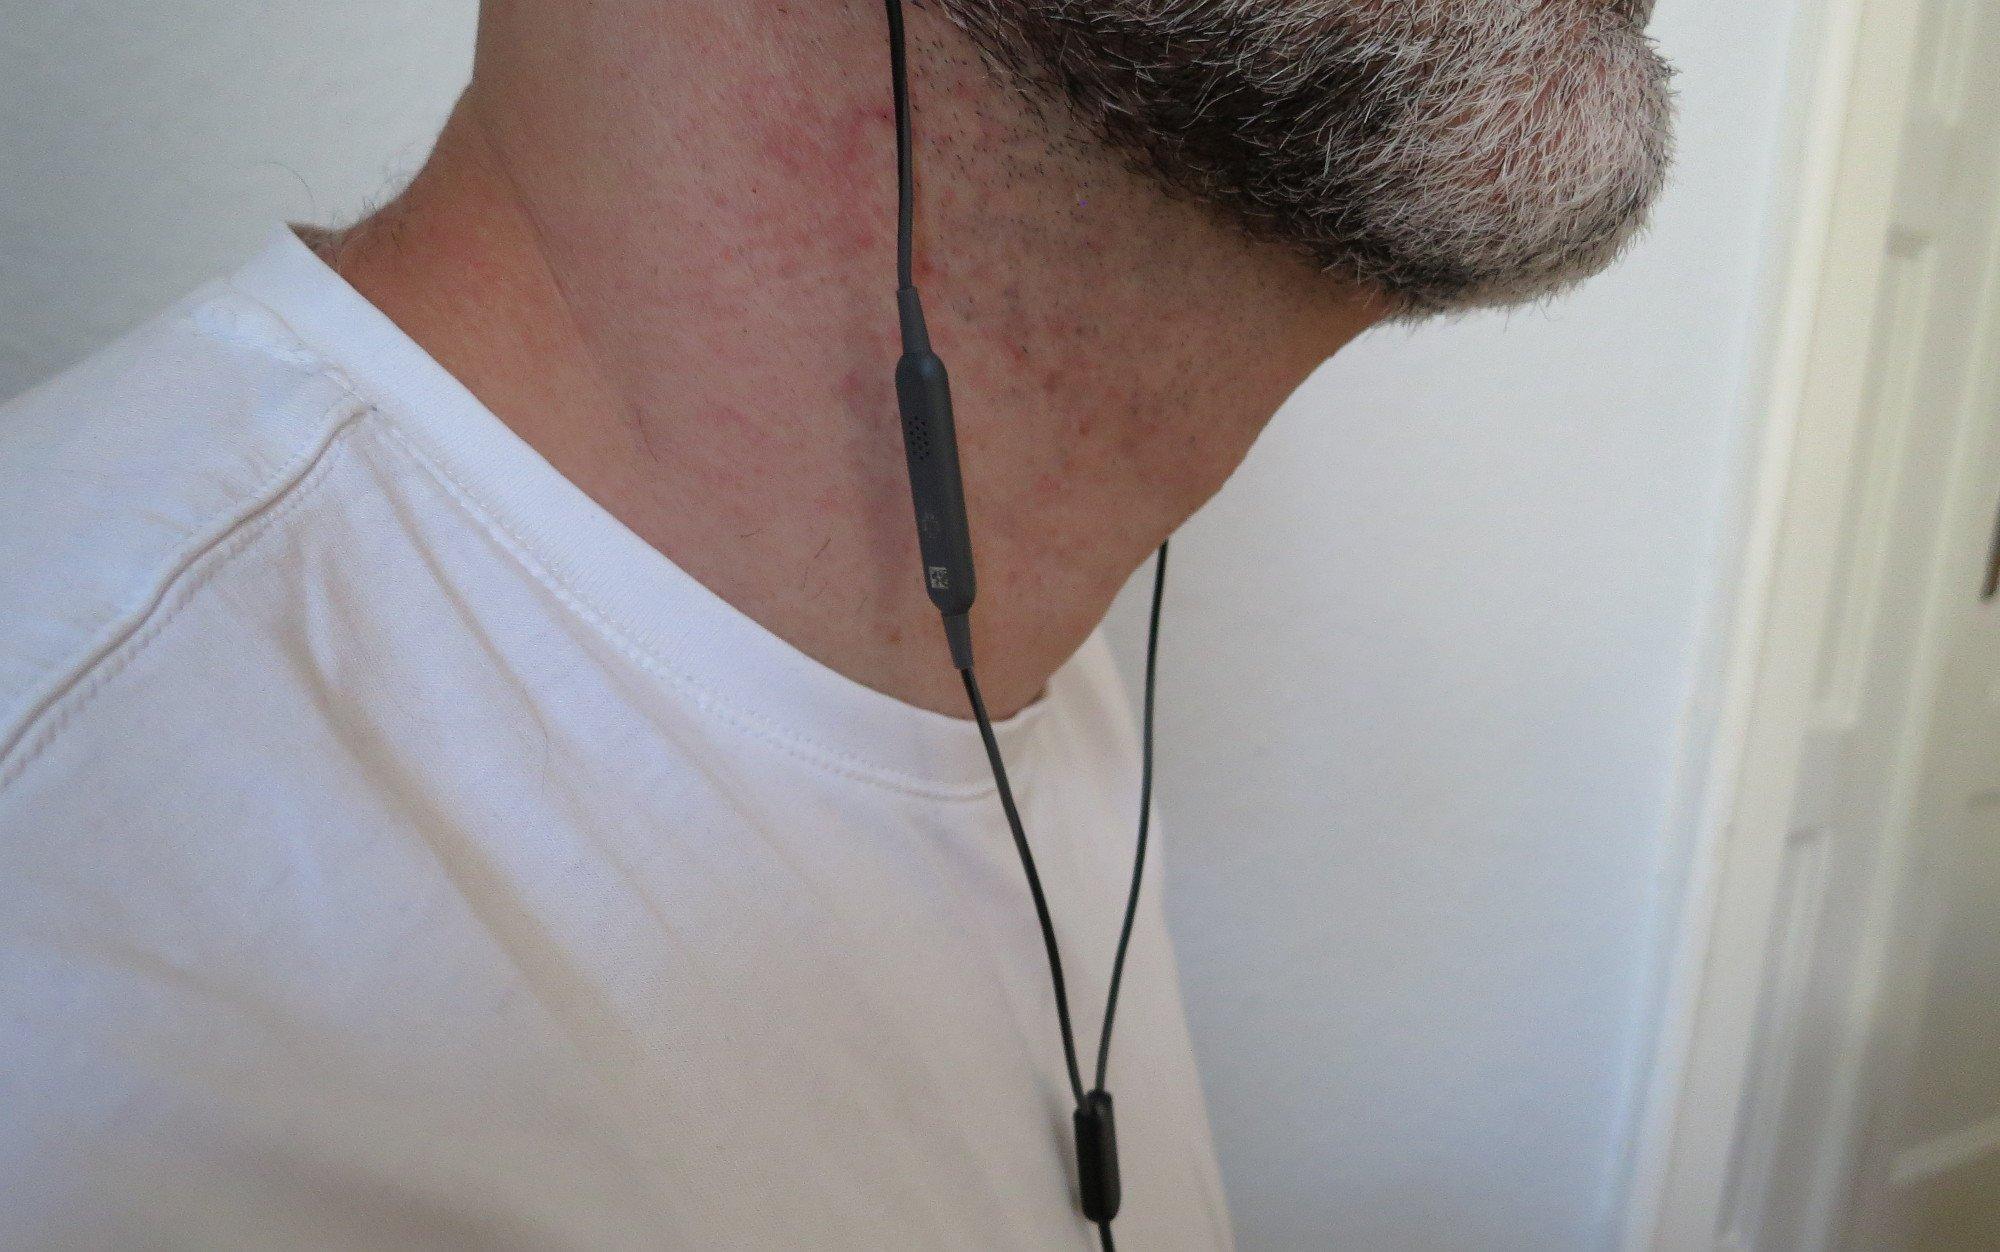 Die drei Knöpfe des Kopfhörer Bose SoundSport sind für Rechtshänder leicht zu erreichen. Das Mikrofon auf Höhe des Halses sorgt für einen guten Klang (Bild: Peter Giesecke)